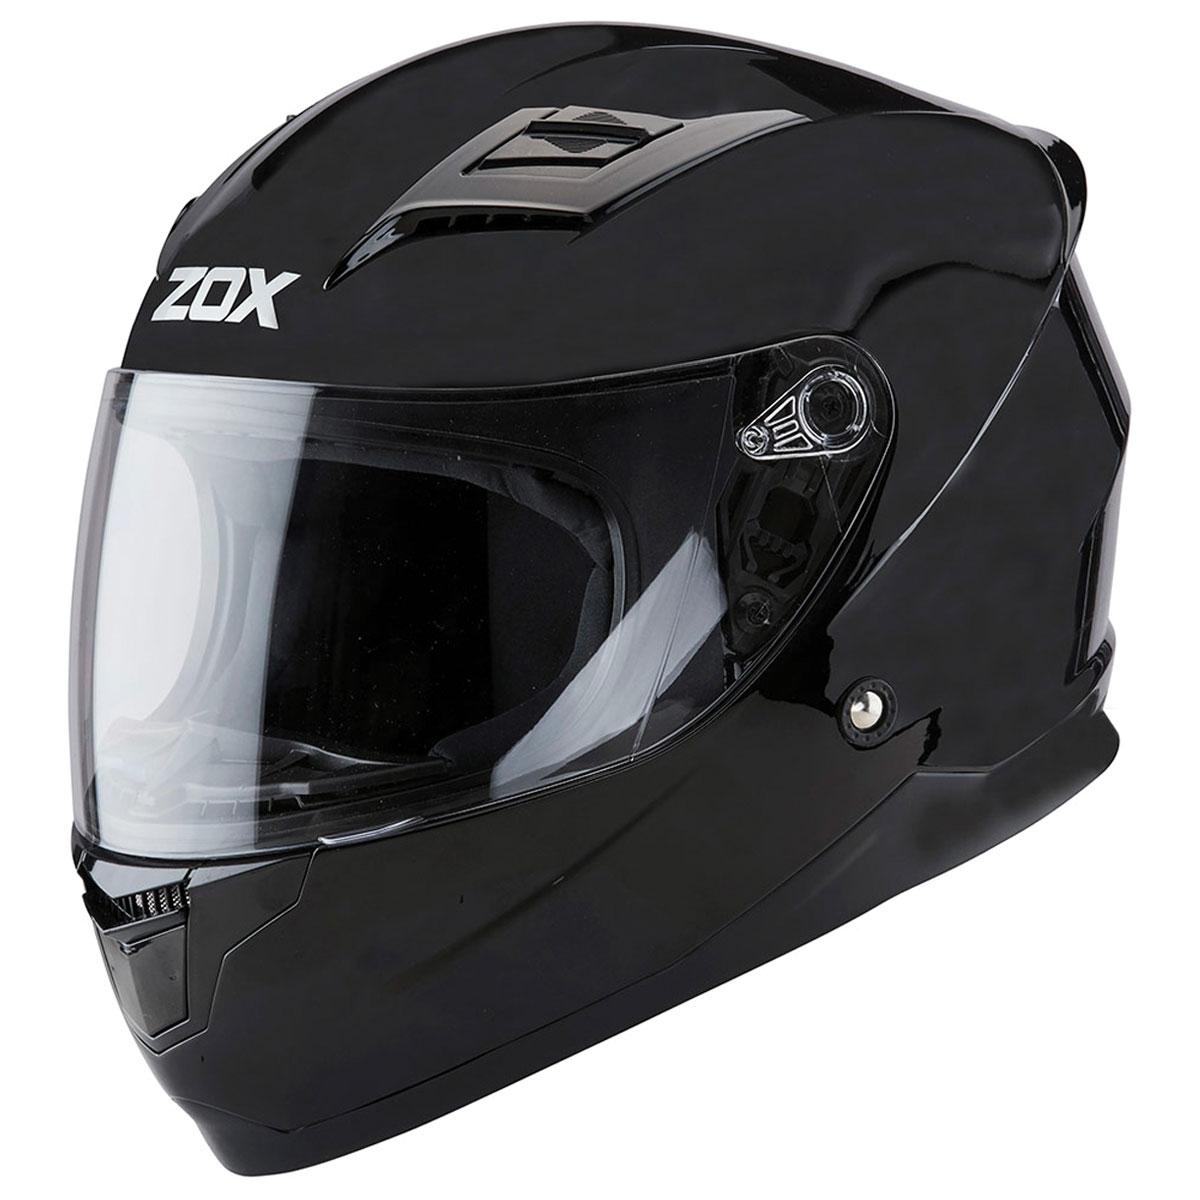 Zox Sonic Junior Matte Black Full Face Helmet